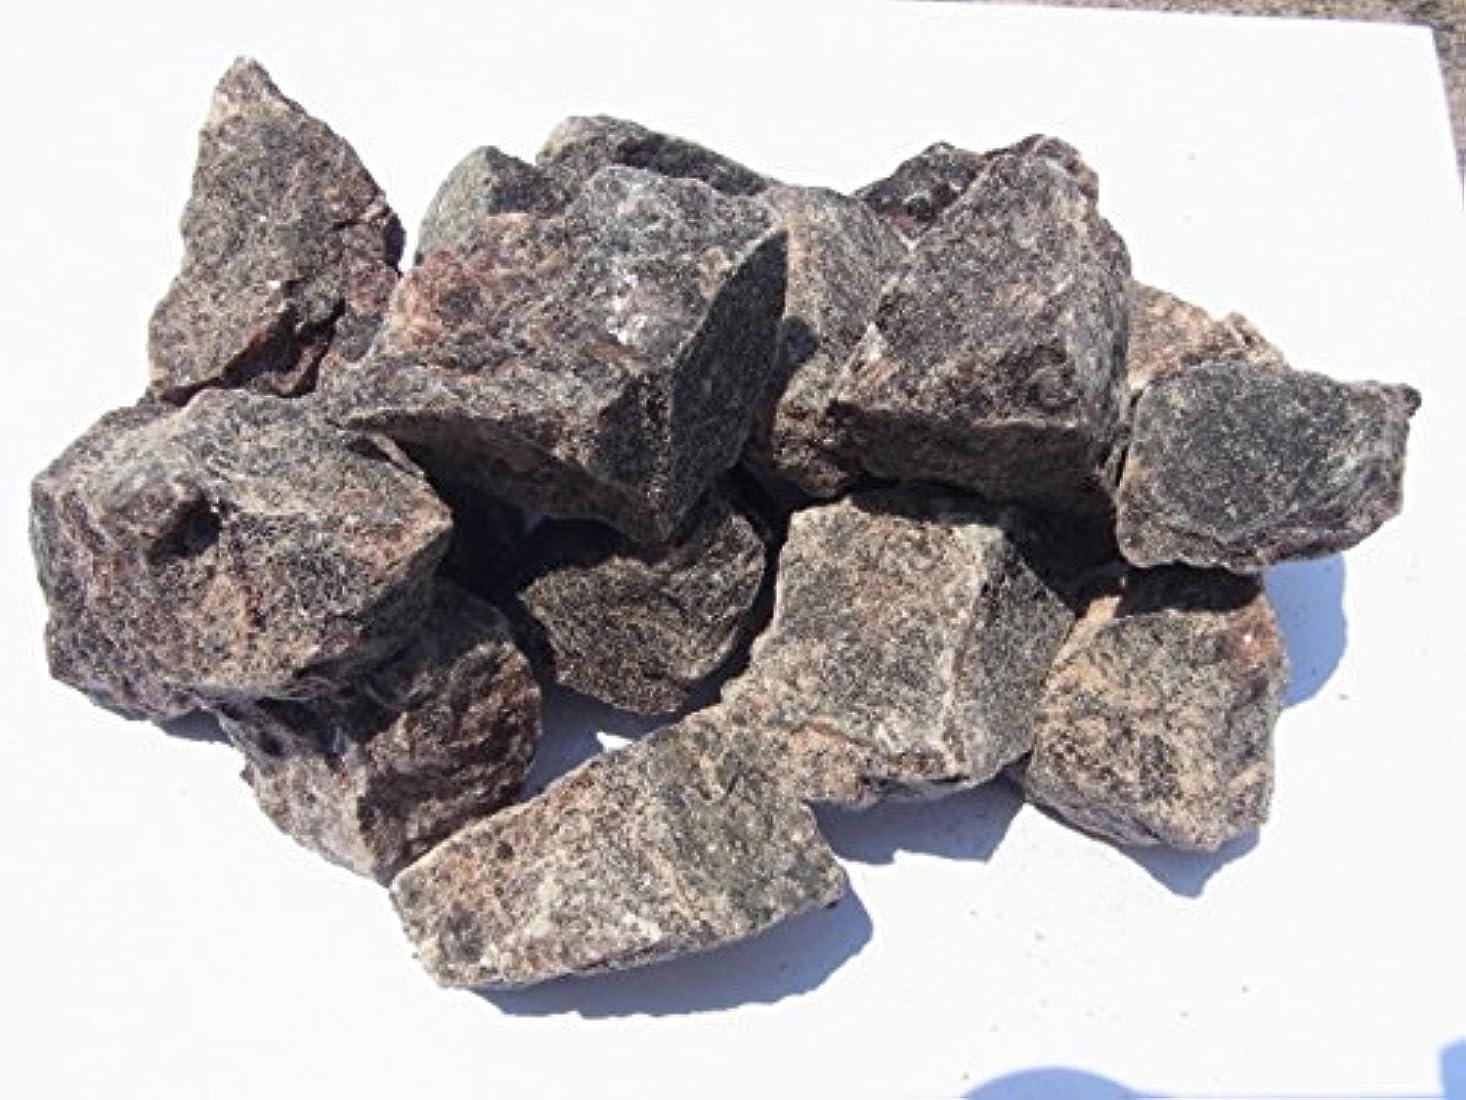 傾向があるアカデミー行商人ヒマラヤ岩塩10kg【ルビーソルト】 ミネラルクリスタル ブロック バスソルト